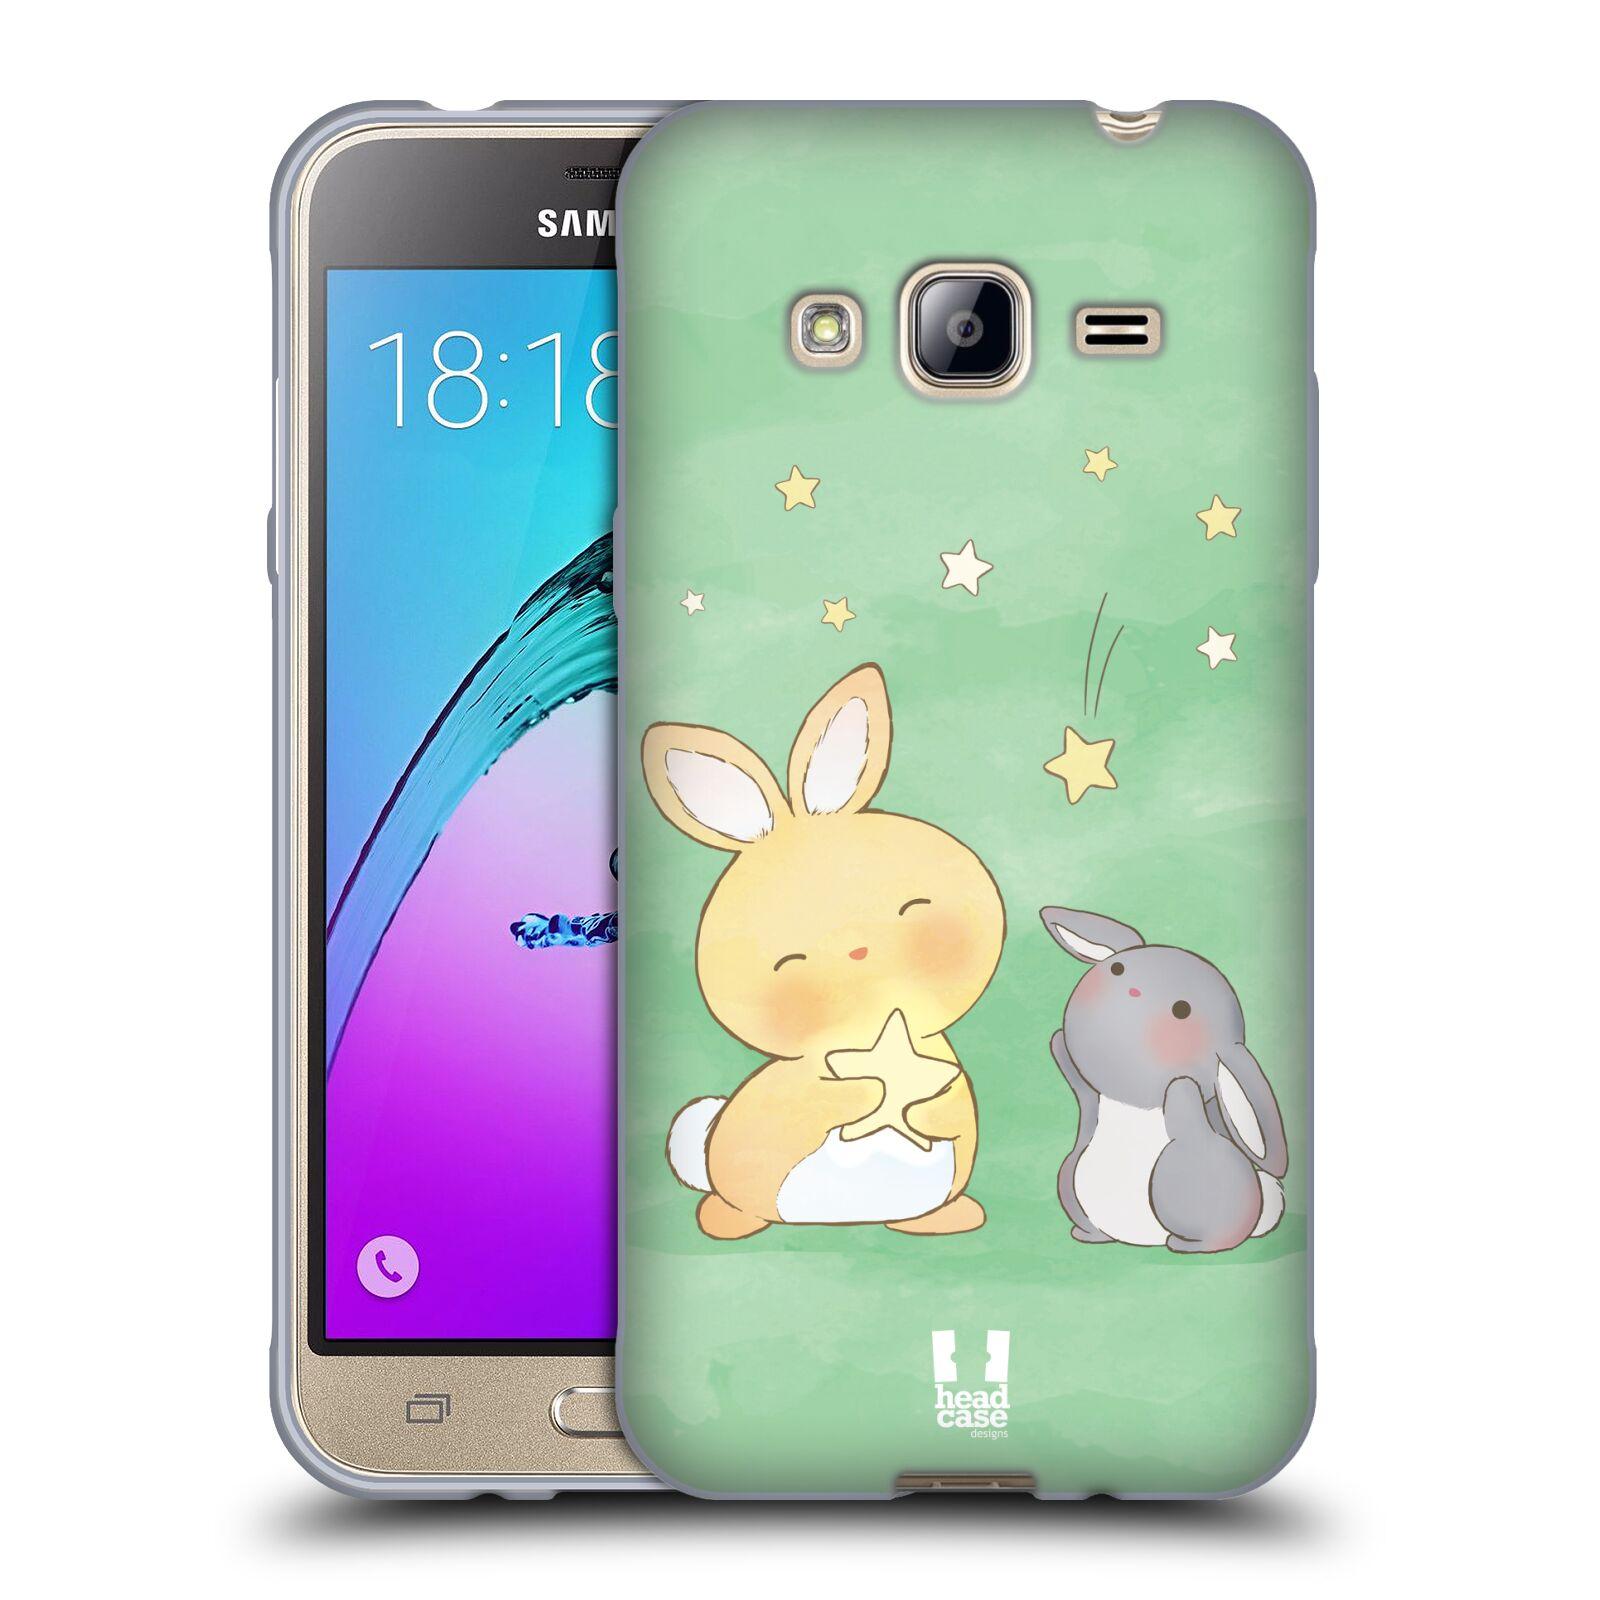 HEAD CASE silikonový obal na mobil Samsung Galaxy J3, J3 2016 vzor králíček a hvězdy zelená